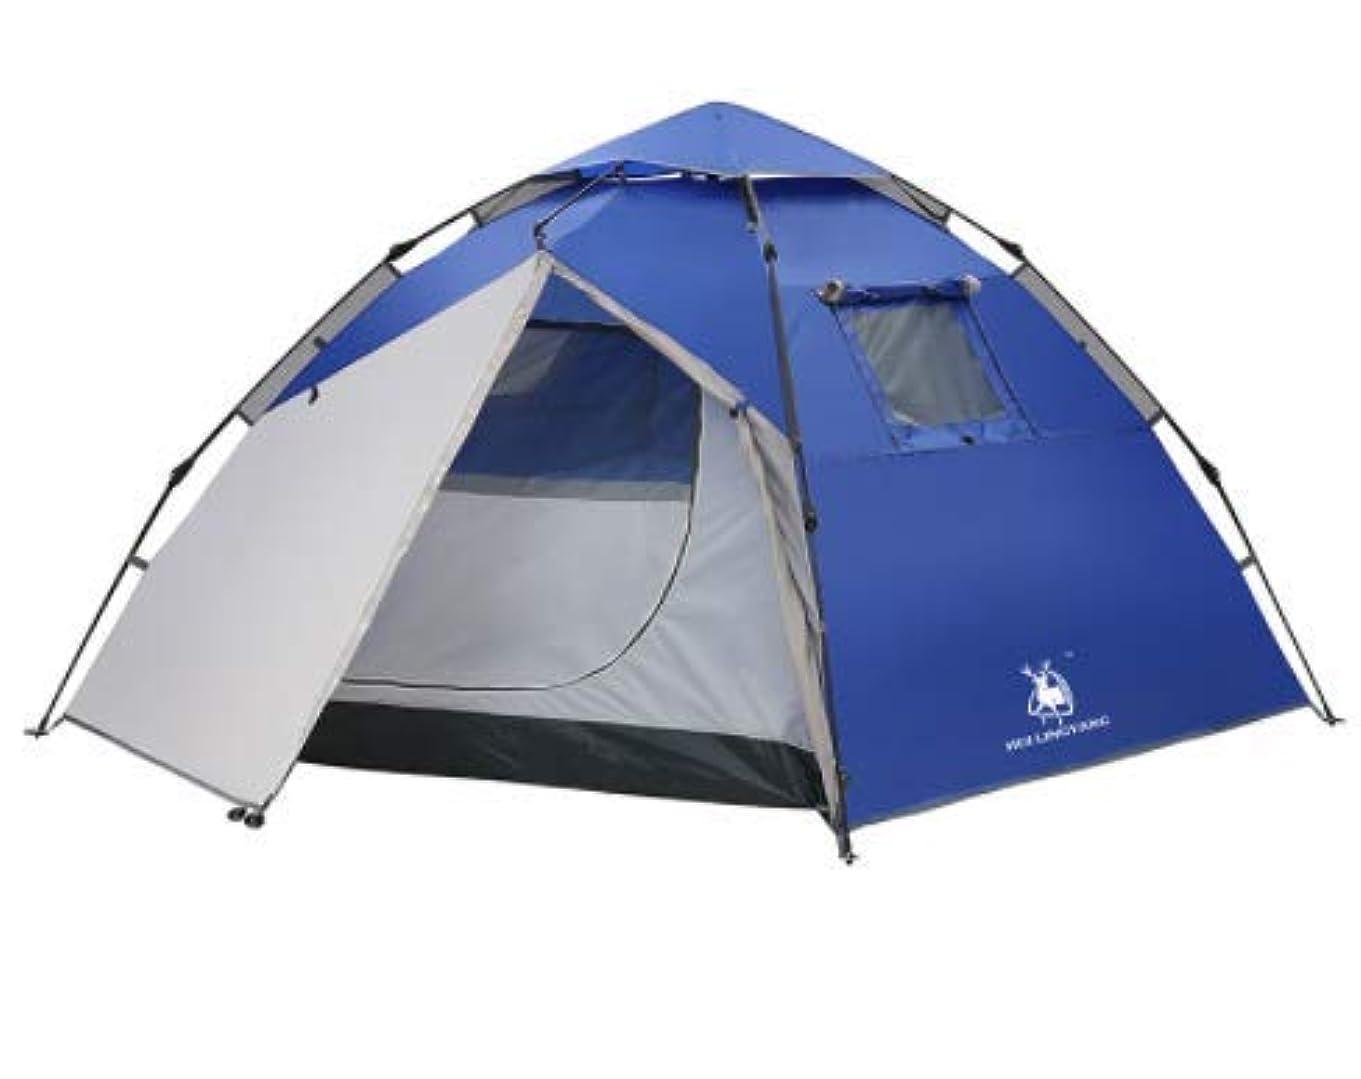 コンパクト起こる海里Feelyer 家族の屋外のキャンプのテント3-4人雨の防水と防風の春の自動スケルトンのテント家族のキャンプ 顧客に愛されて